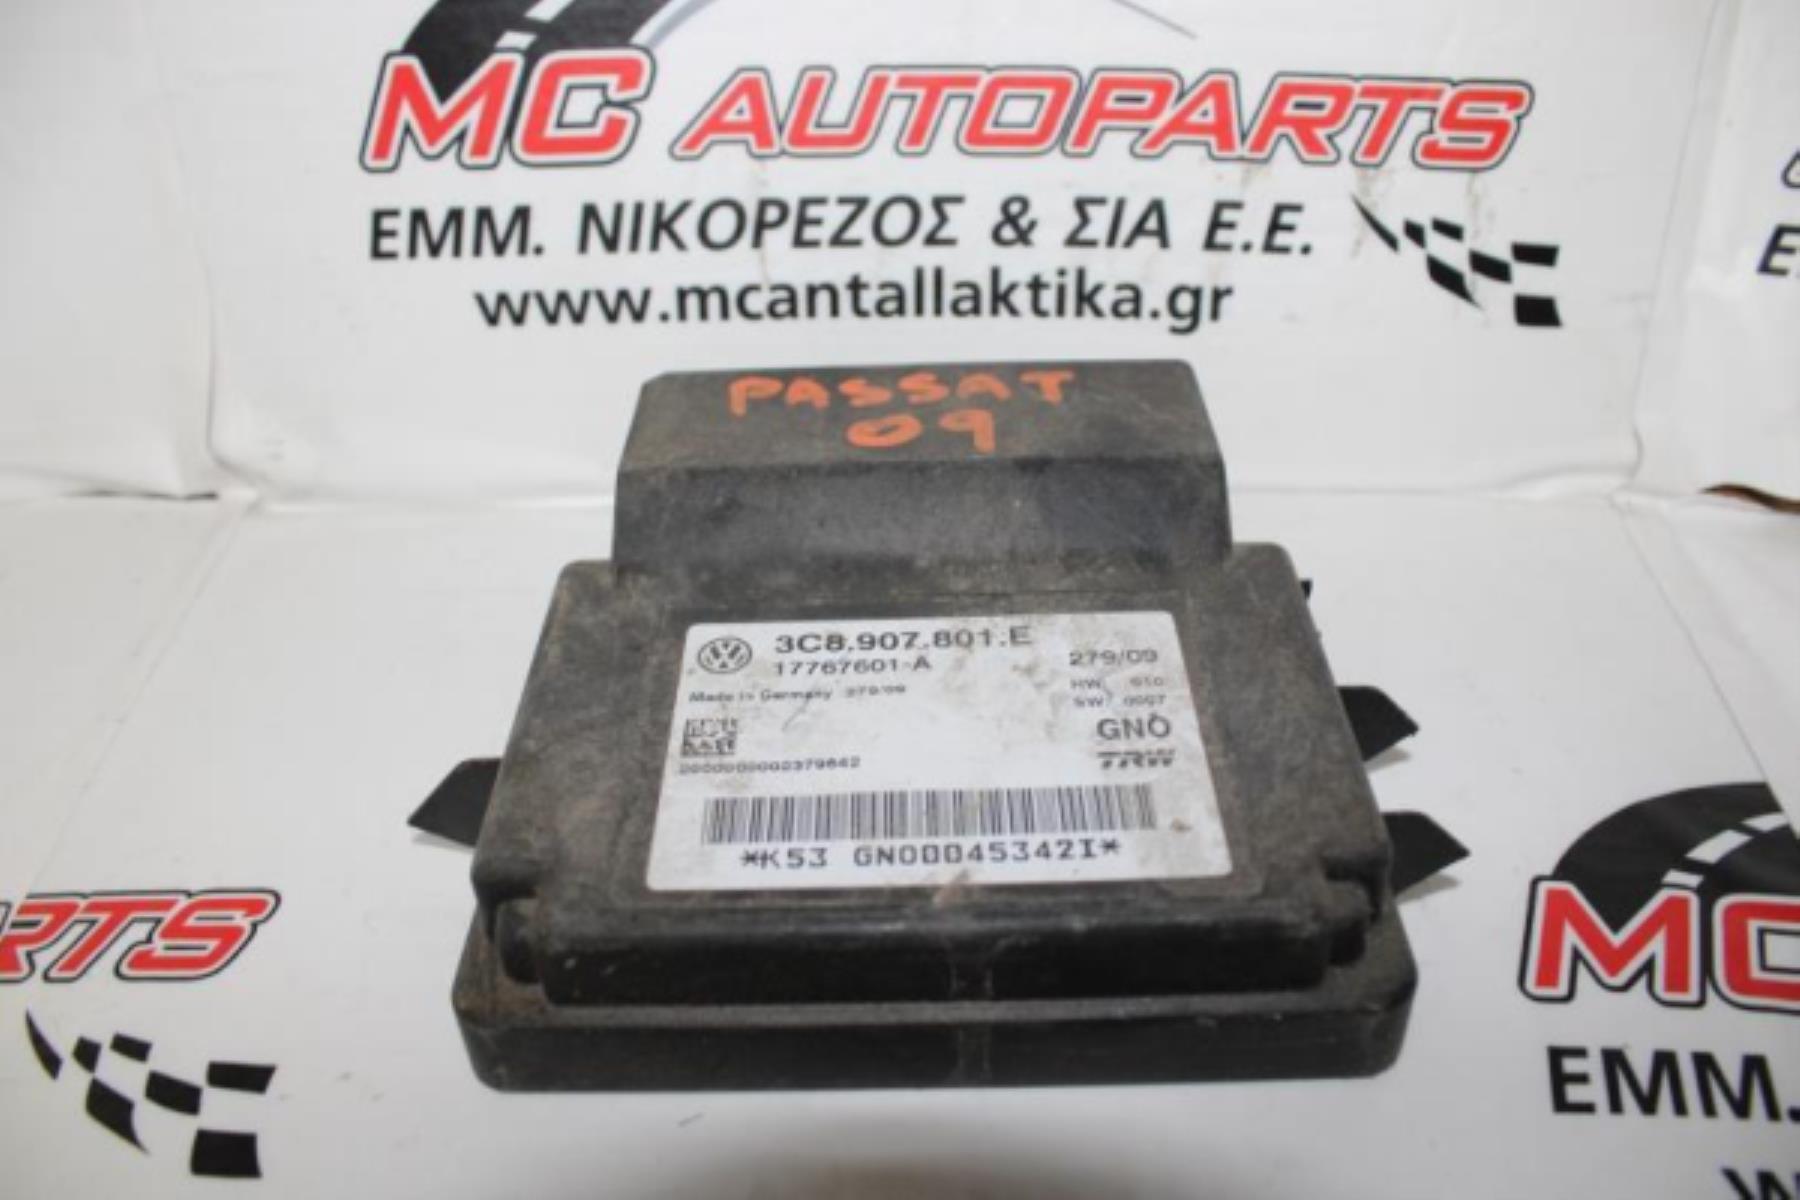 Εικόνα από Πλακέτα  VW PASSAT (2005-2011)  3C8907801E   ηλεκτρικού χειρόφρενου